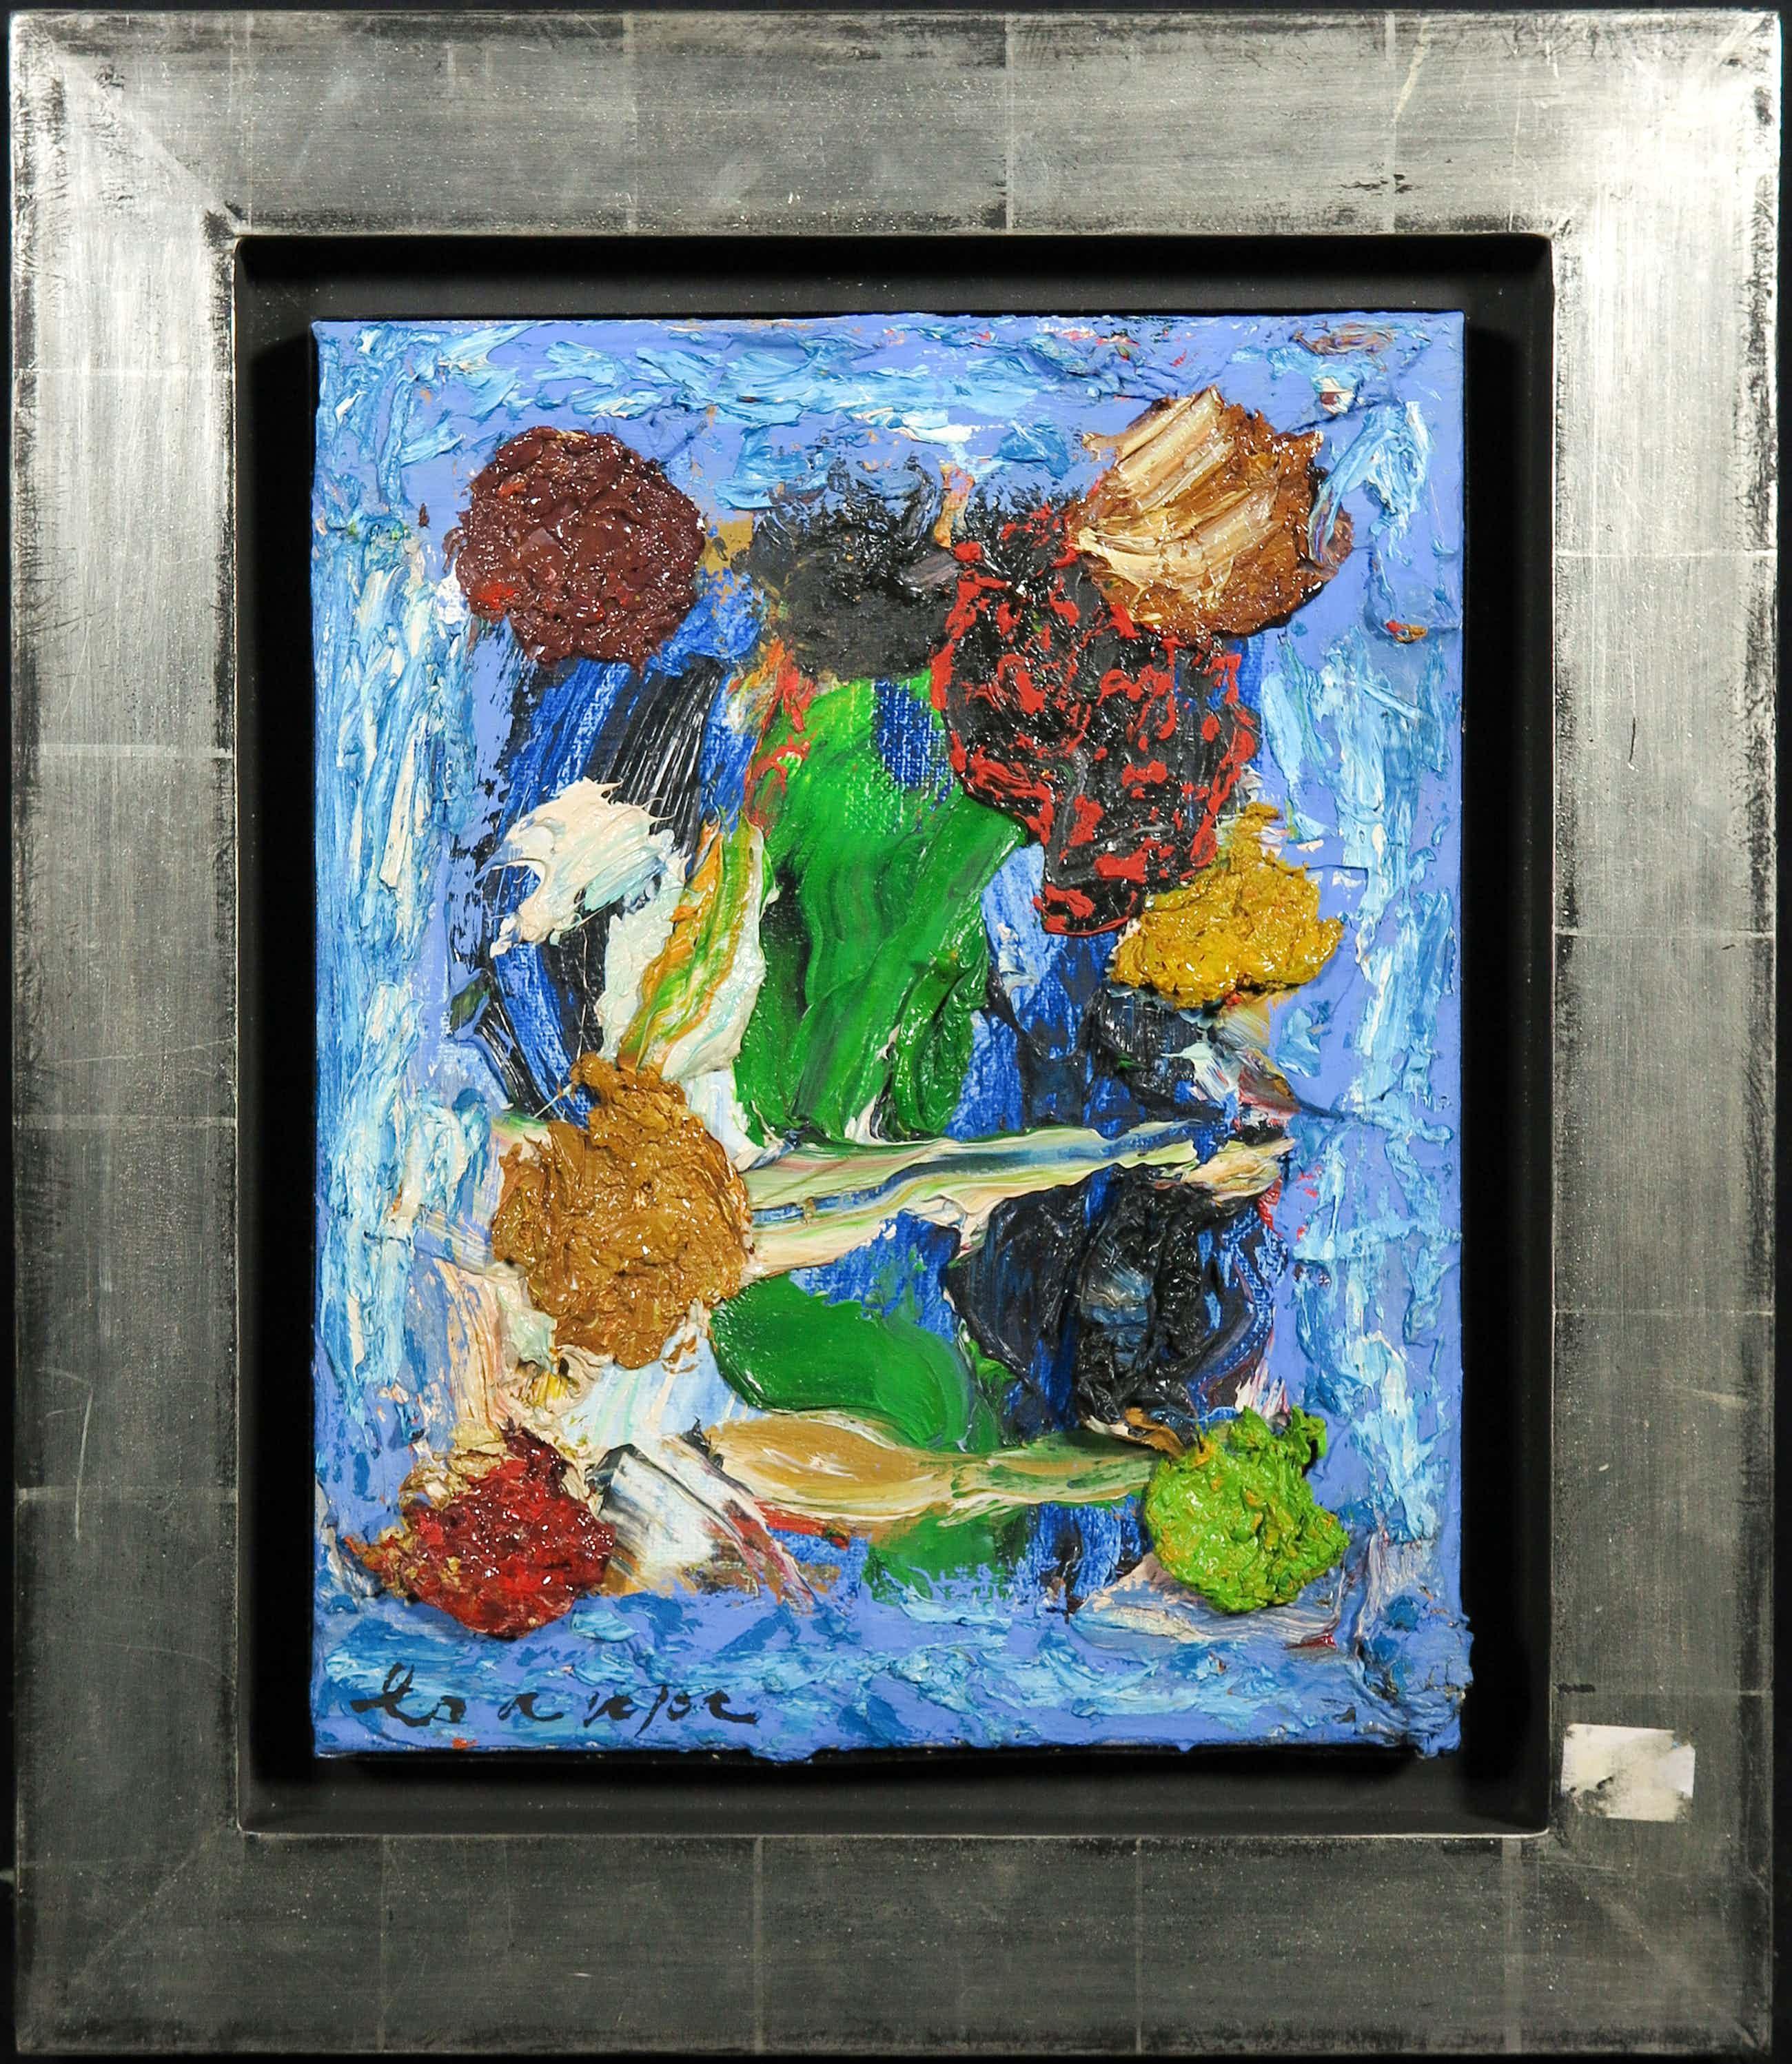 Guillaume Lo-A-Njoe - Olieverf op doek, Abstracte compositie - Ingelijst kopen? Bied vanaf 250!